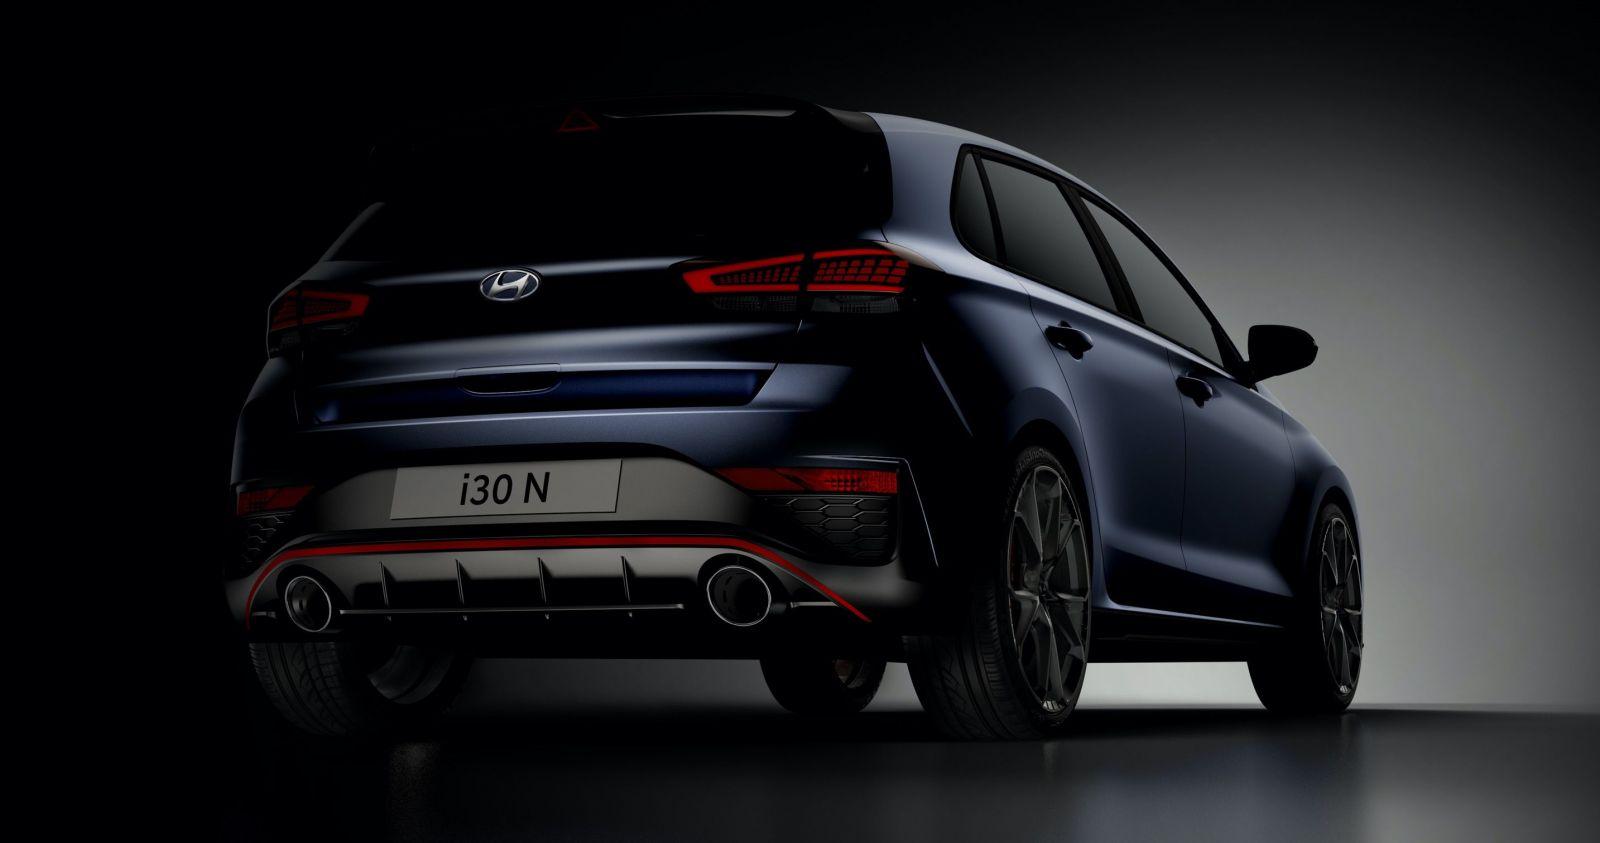 Potvrdené! Perfektný Hyundai i30 N dostane po facelifte očakávaný 8-stupňový automat